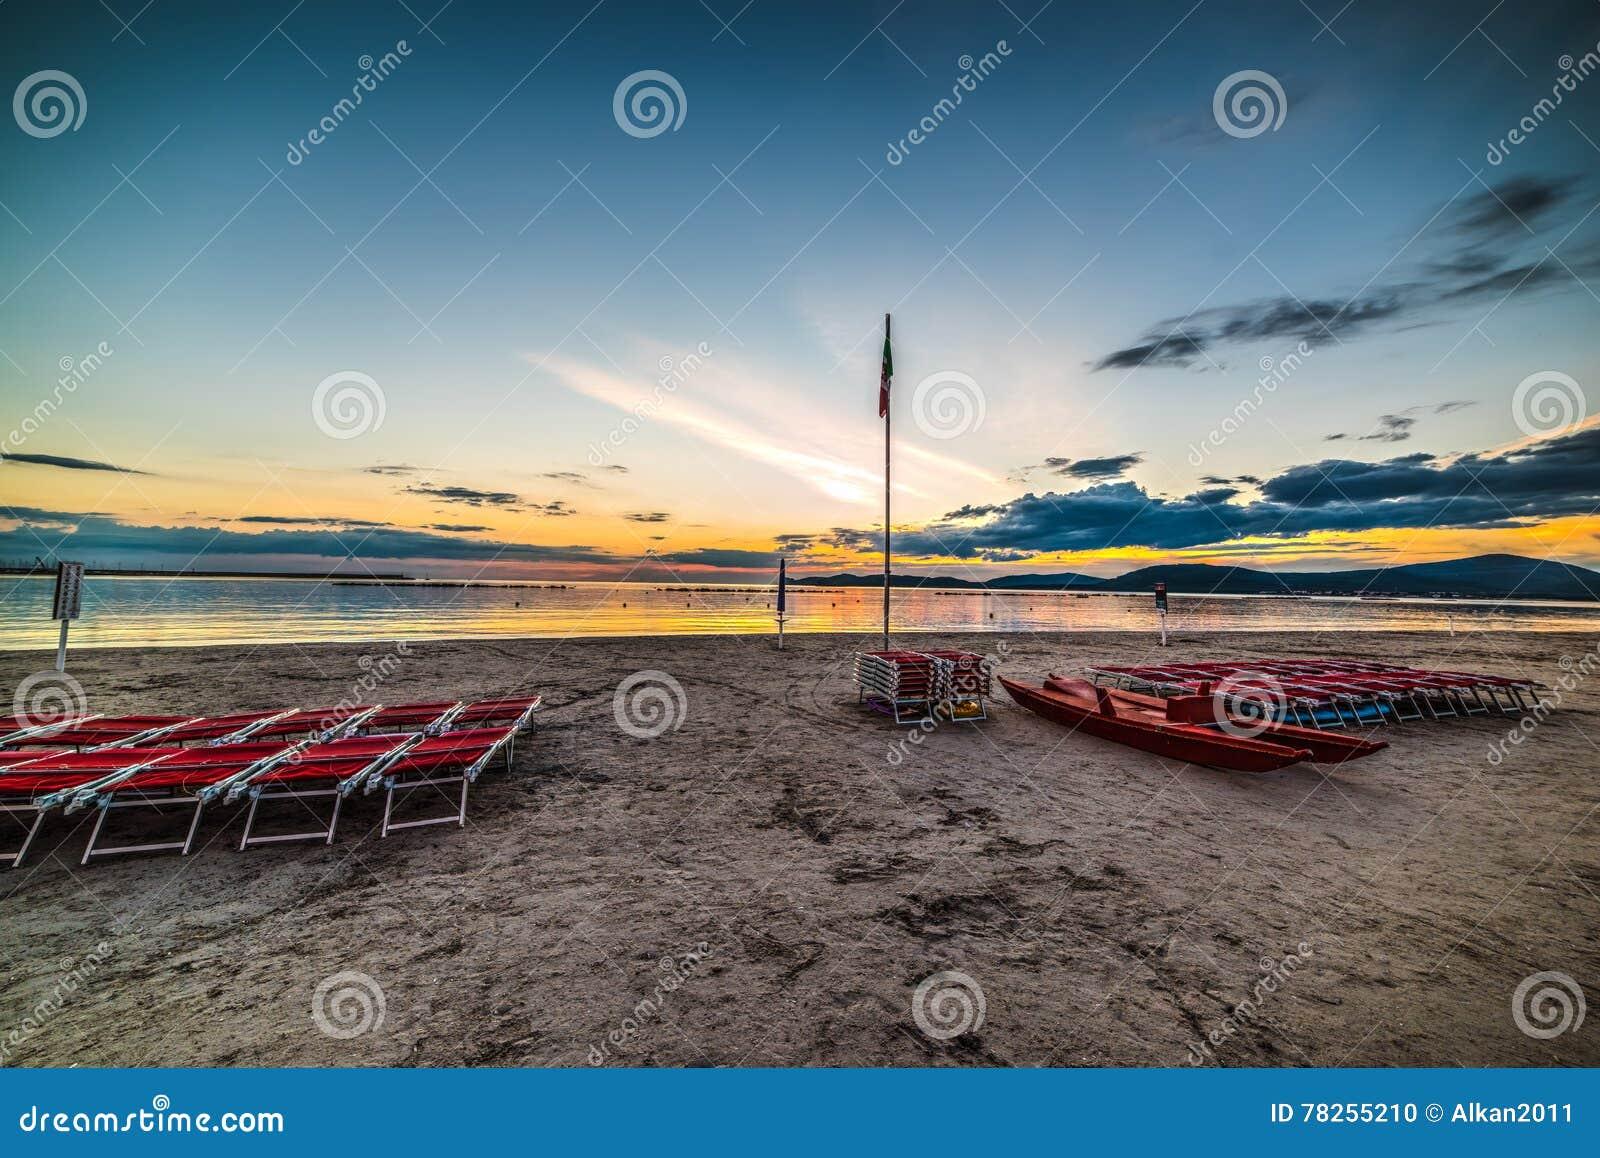 Έδρες θαλασσίως στο ηλιοβασίλεμα